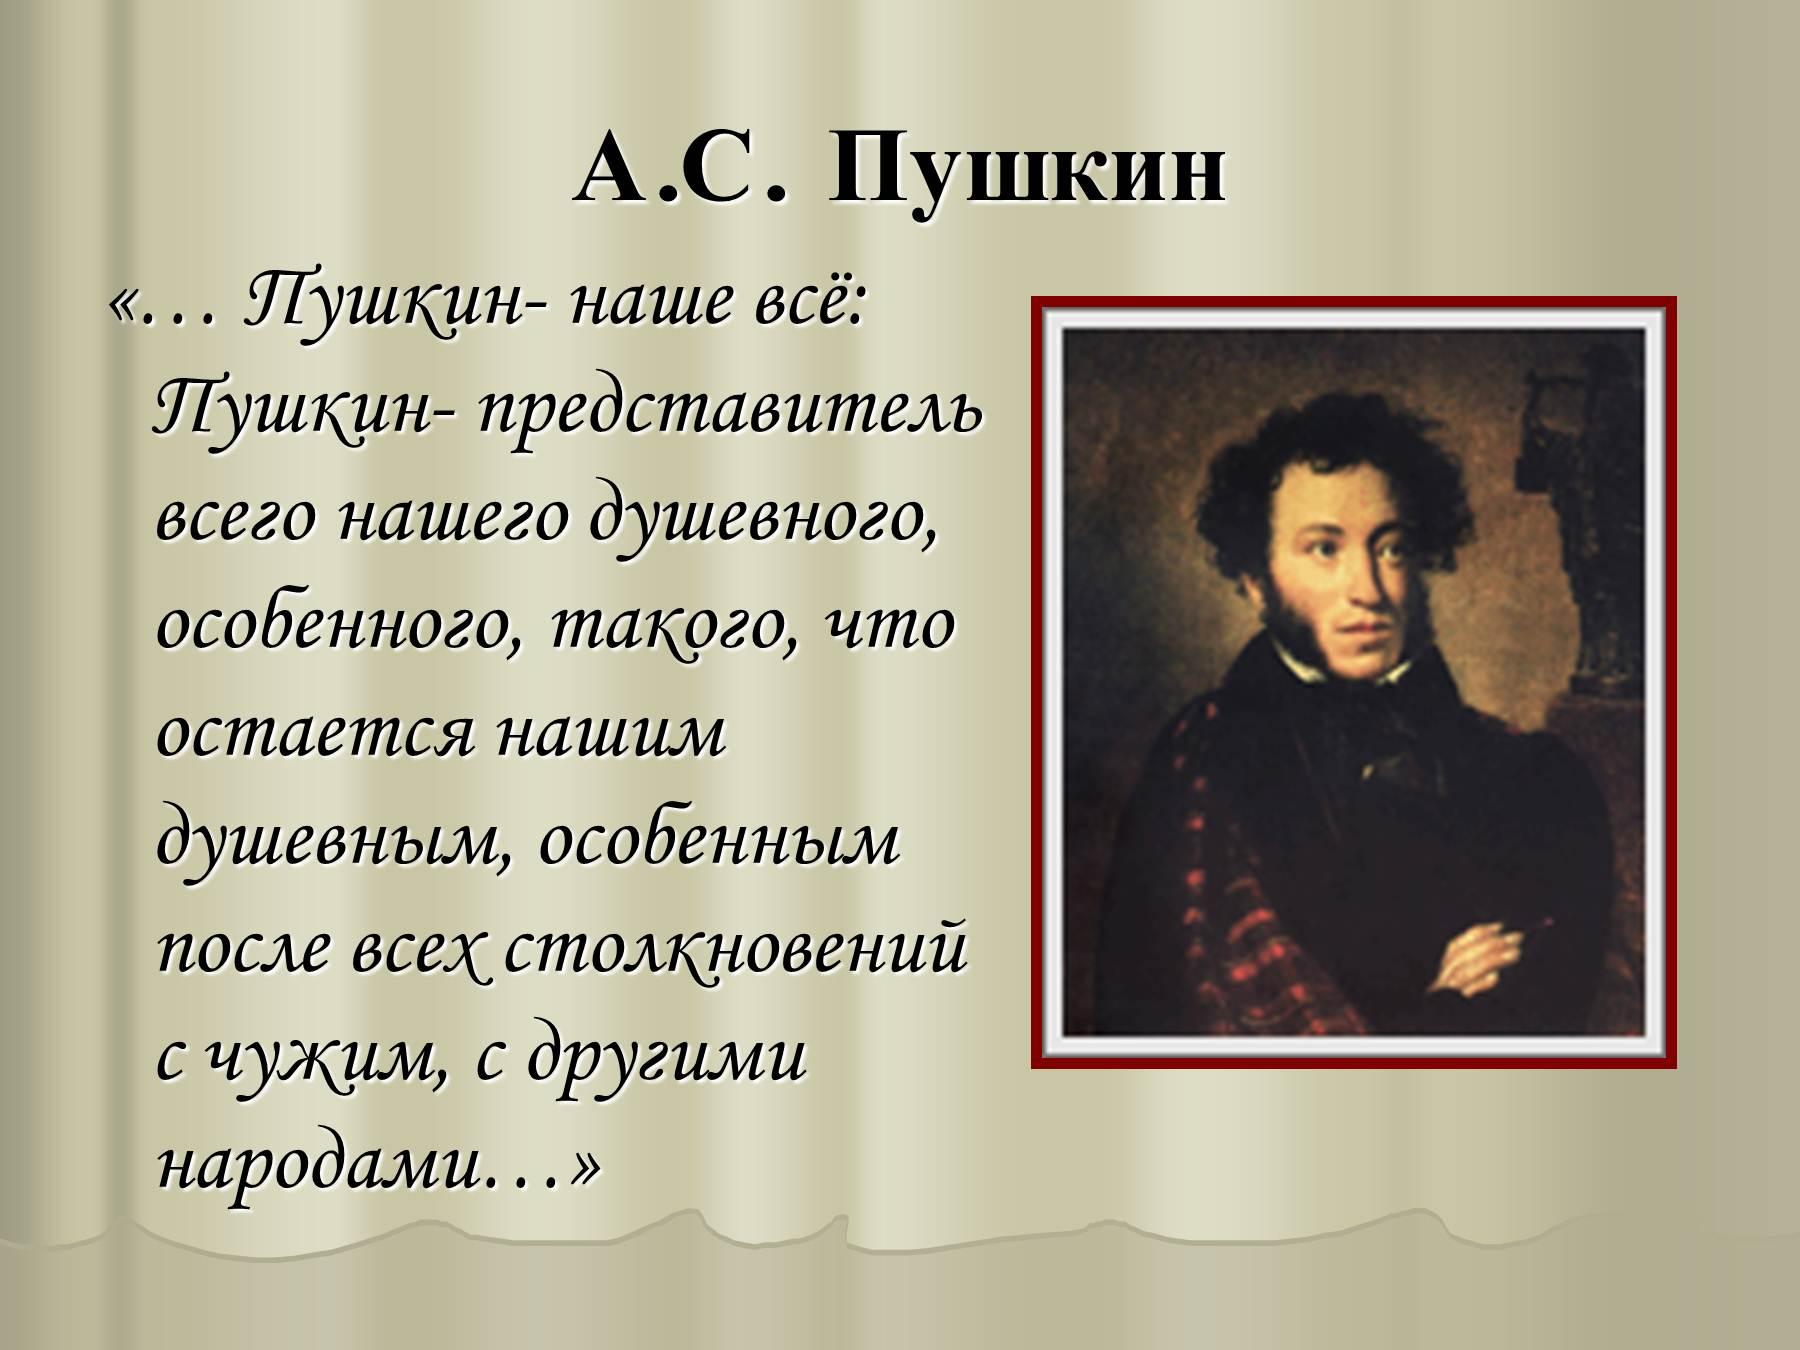 Главный стих пушкина